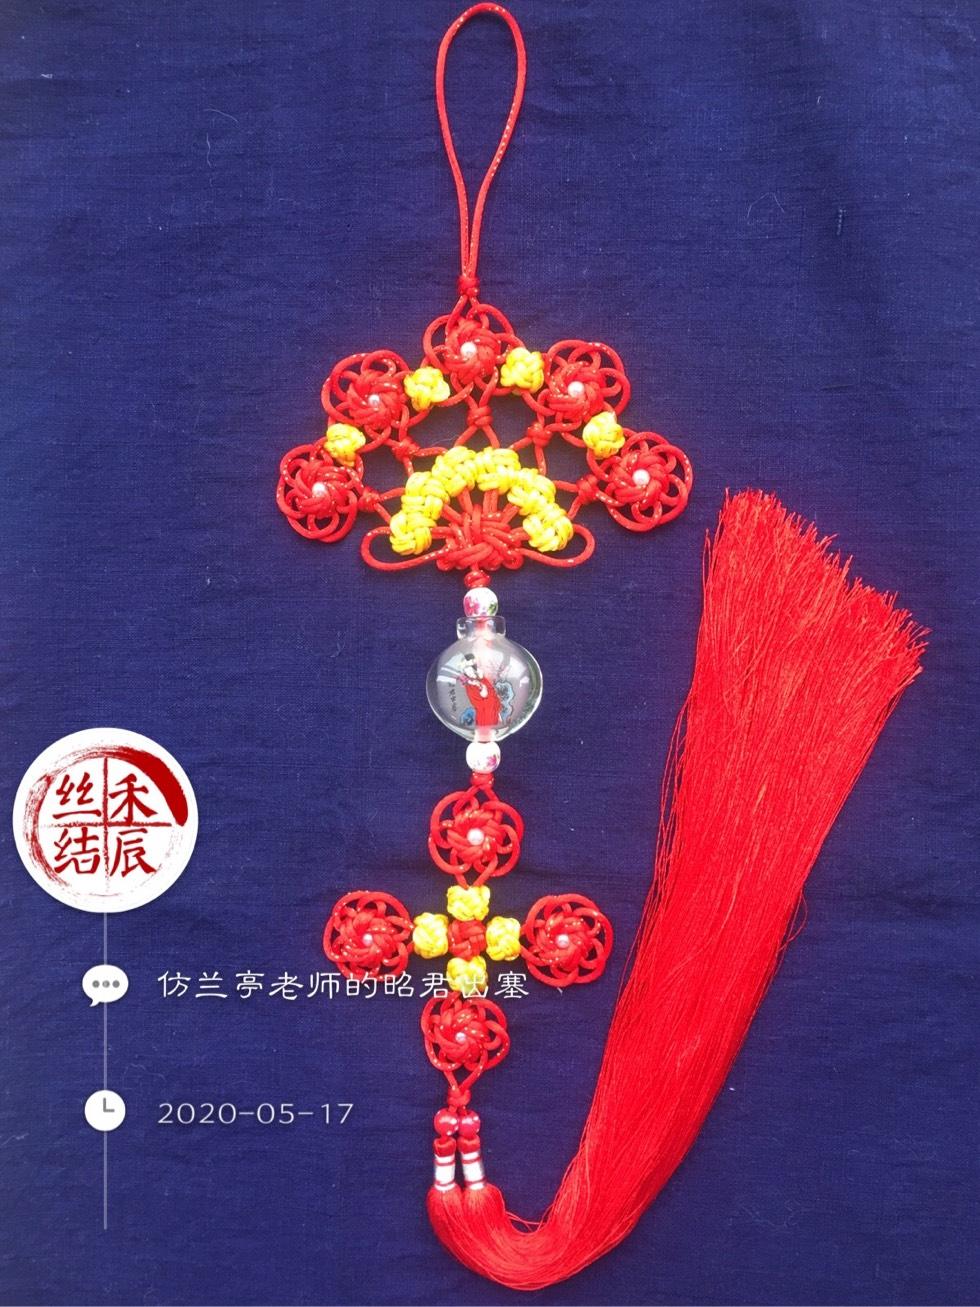 中国结论坛 仿兰亭老师的昭君出塞  作品展示 220347bhpyic8xpyxzjz9h